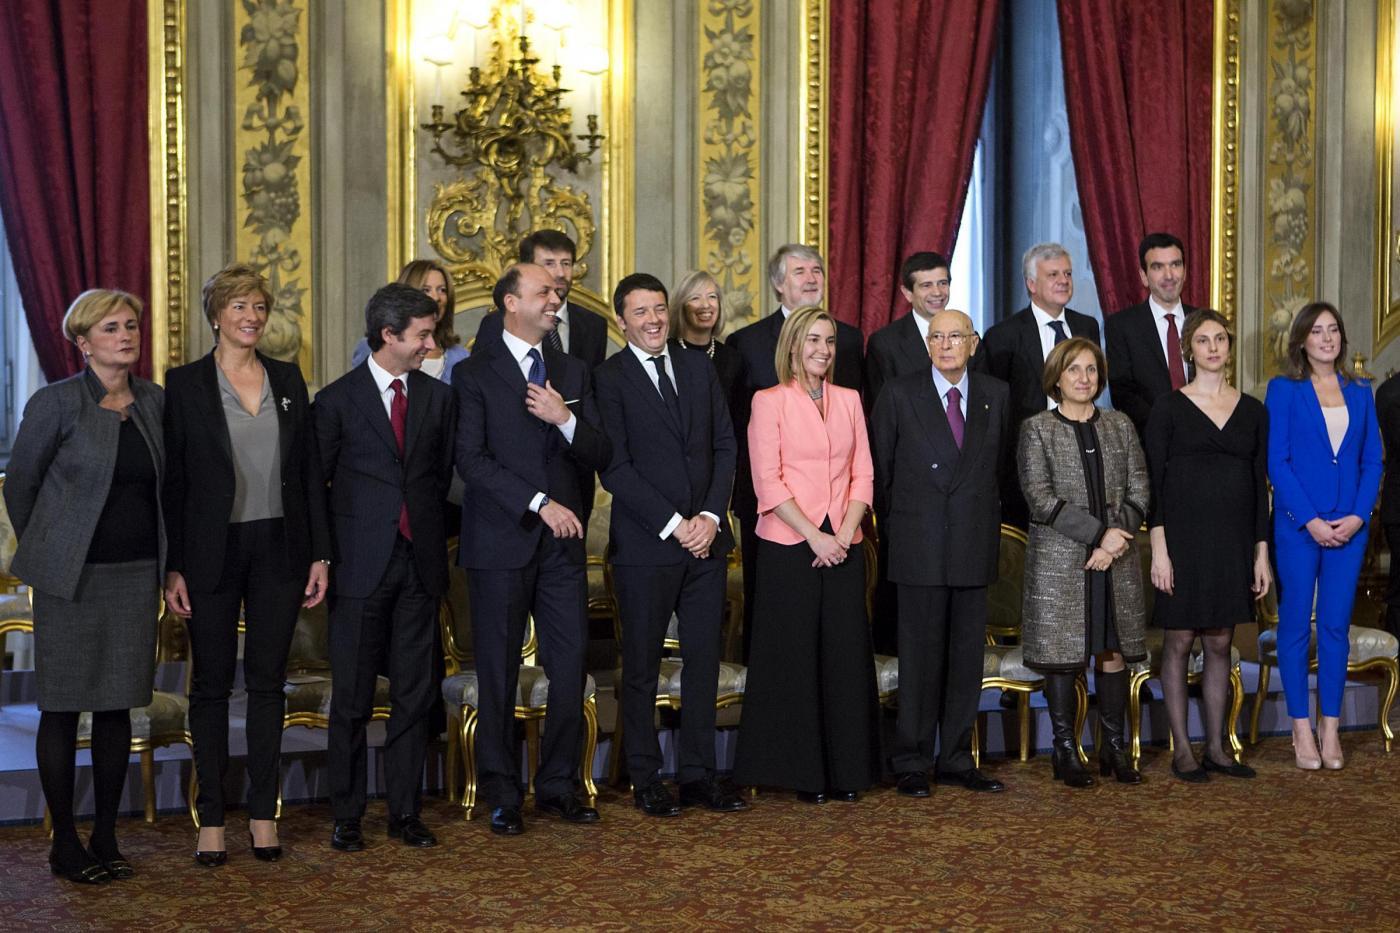 I ministri durante il Giuramento